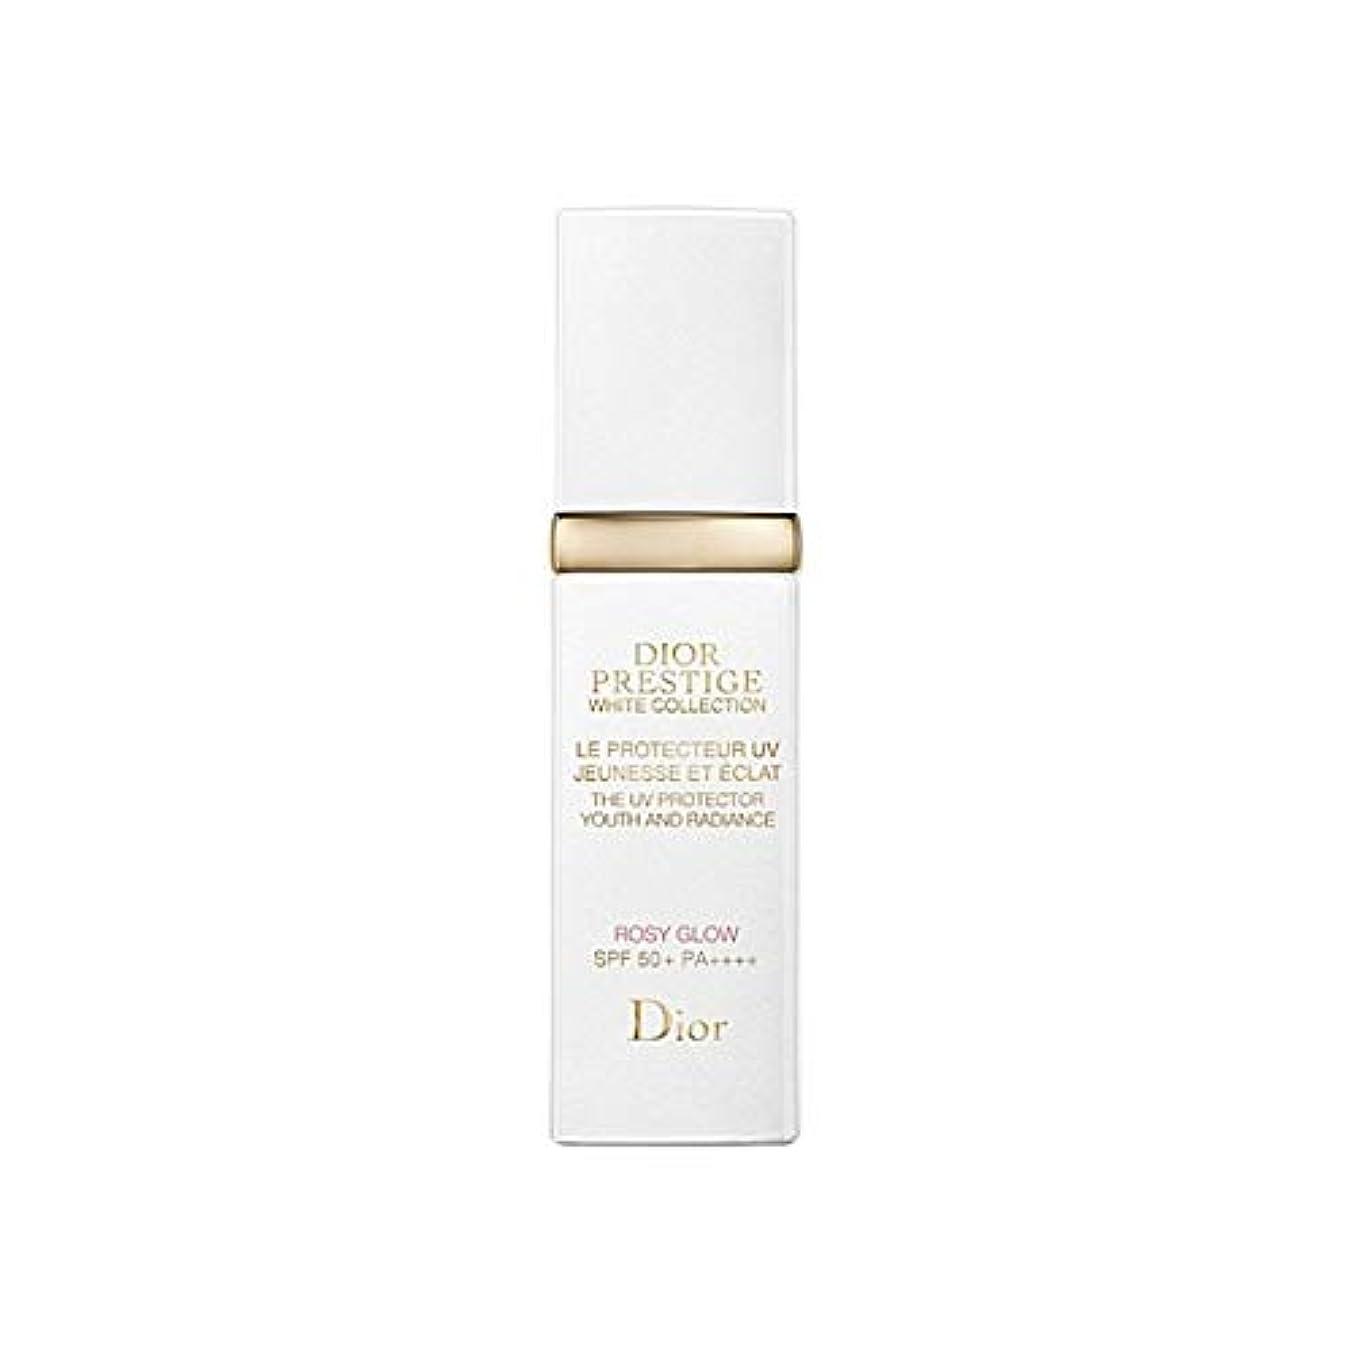 いわゆる動物エール[Dior] ディオールプレステージUvバラ色のグロー30ミリリットル - Dior Prestige Uv Rosy Glow 30ml [並行輸入品]